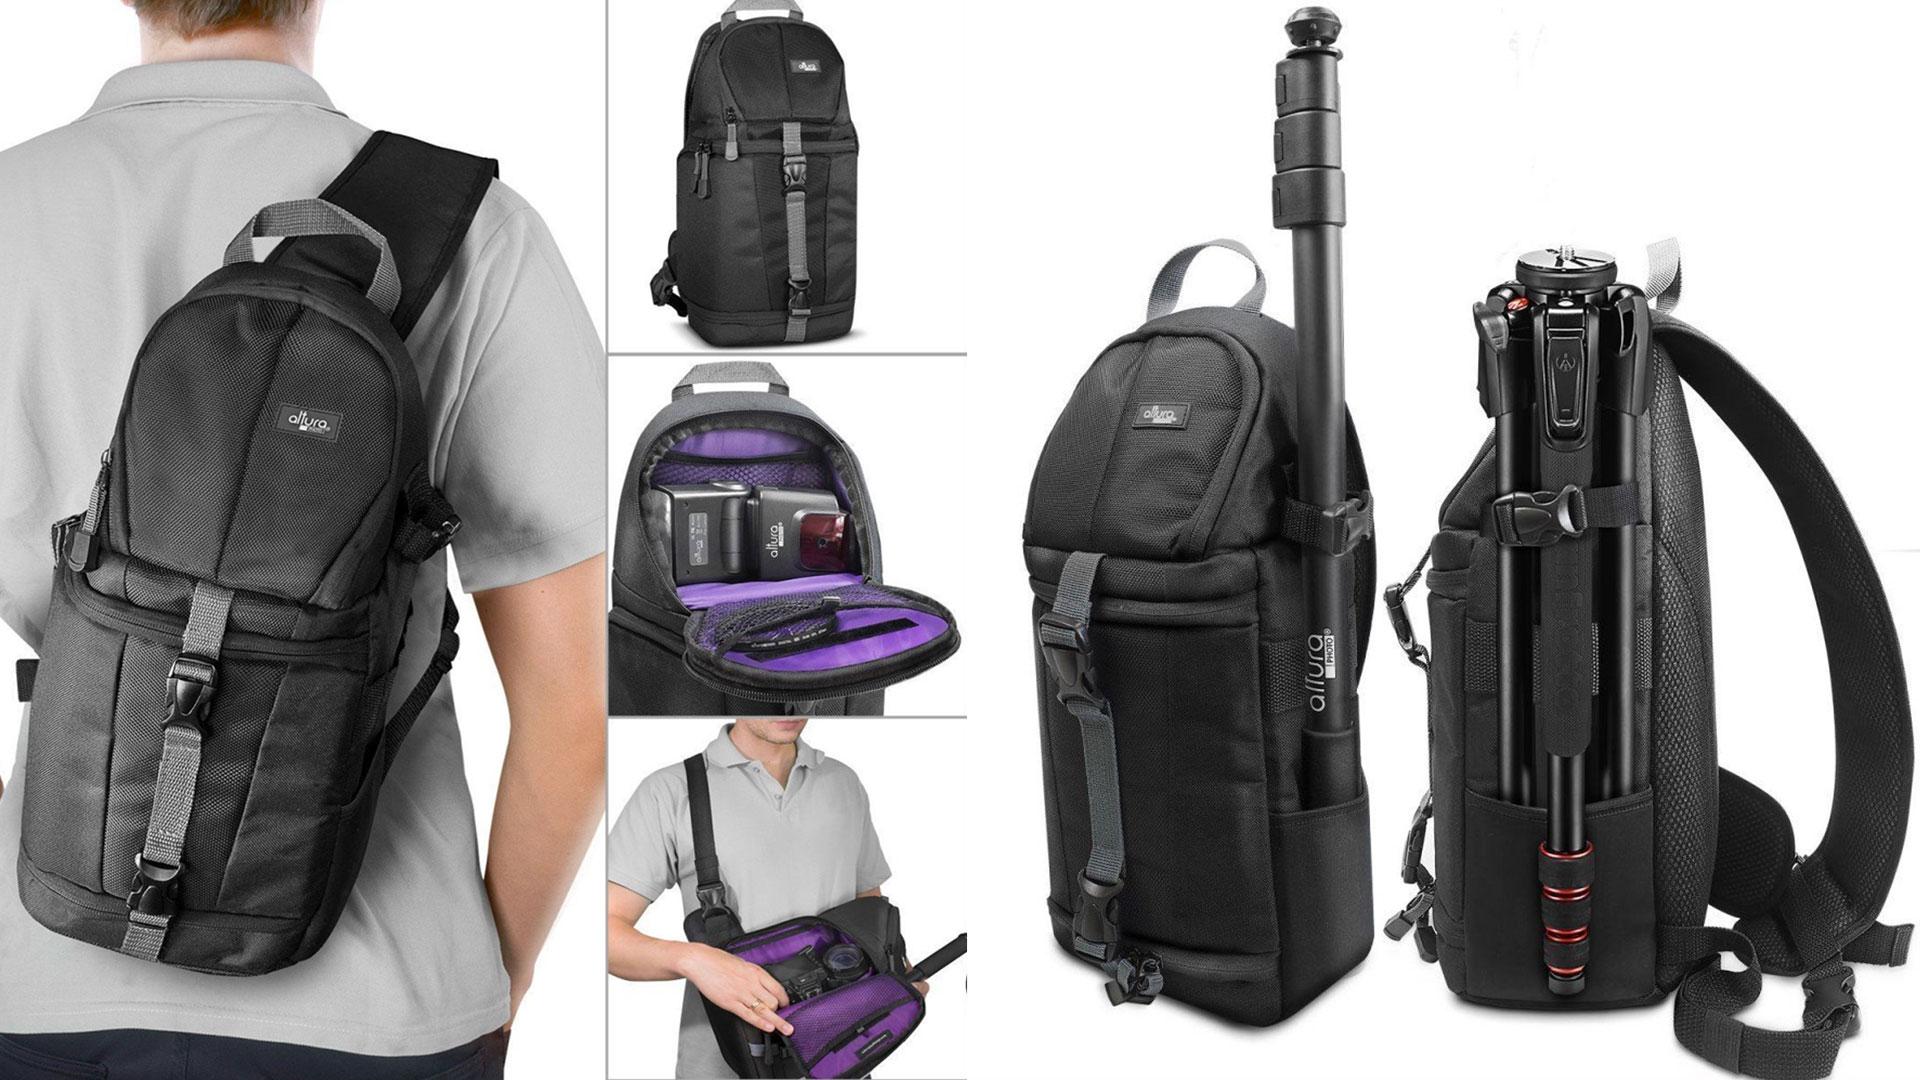 alture sling camera backpack, best dslr bag, best dslr camera bag, best dslr camera backpack